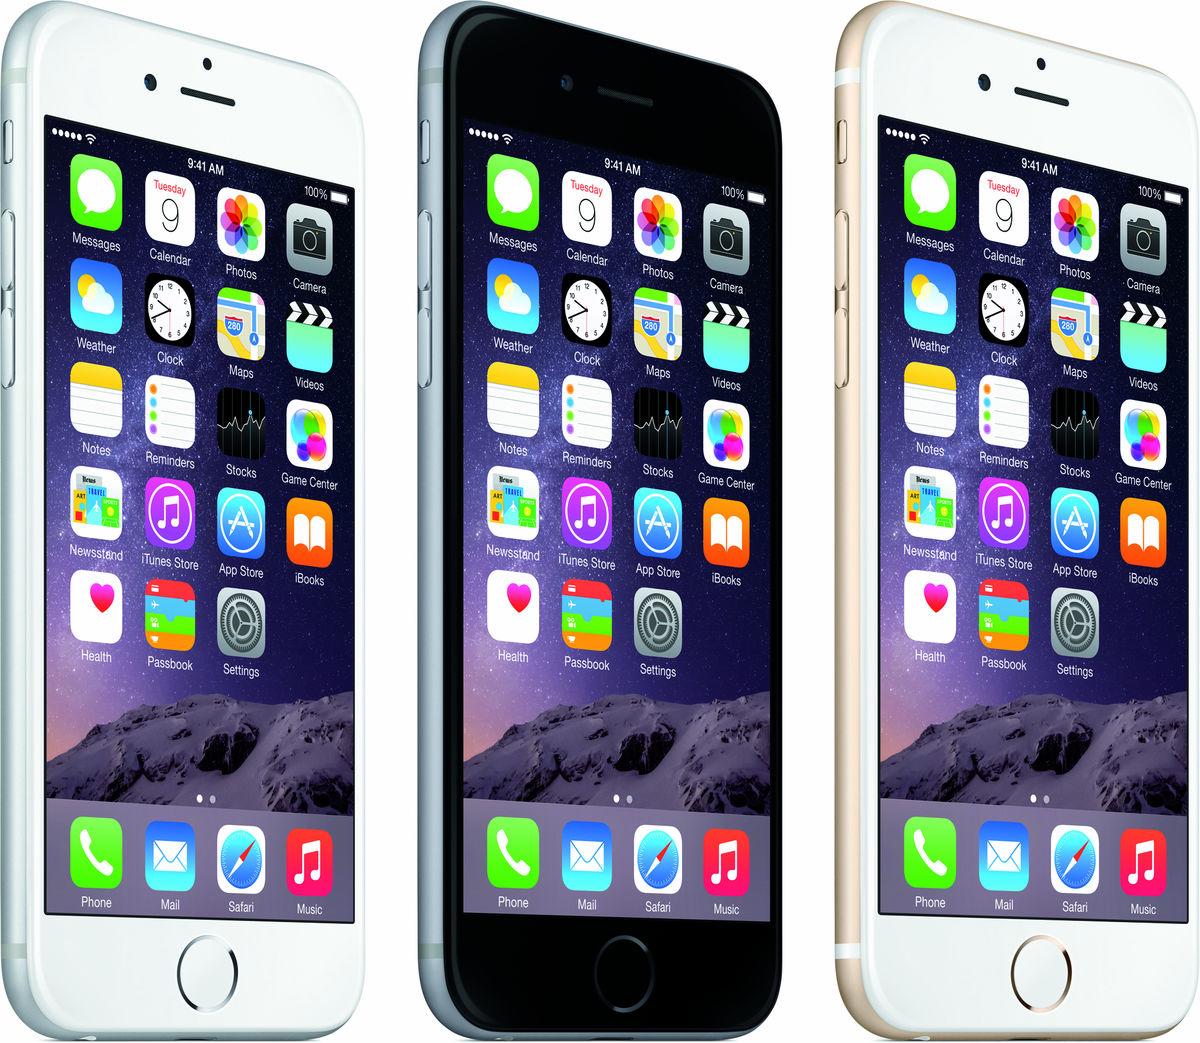 ソフトバンクへMNPでiPhone6が激安!!月額料金2729円~乗り換えるなら今だ!